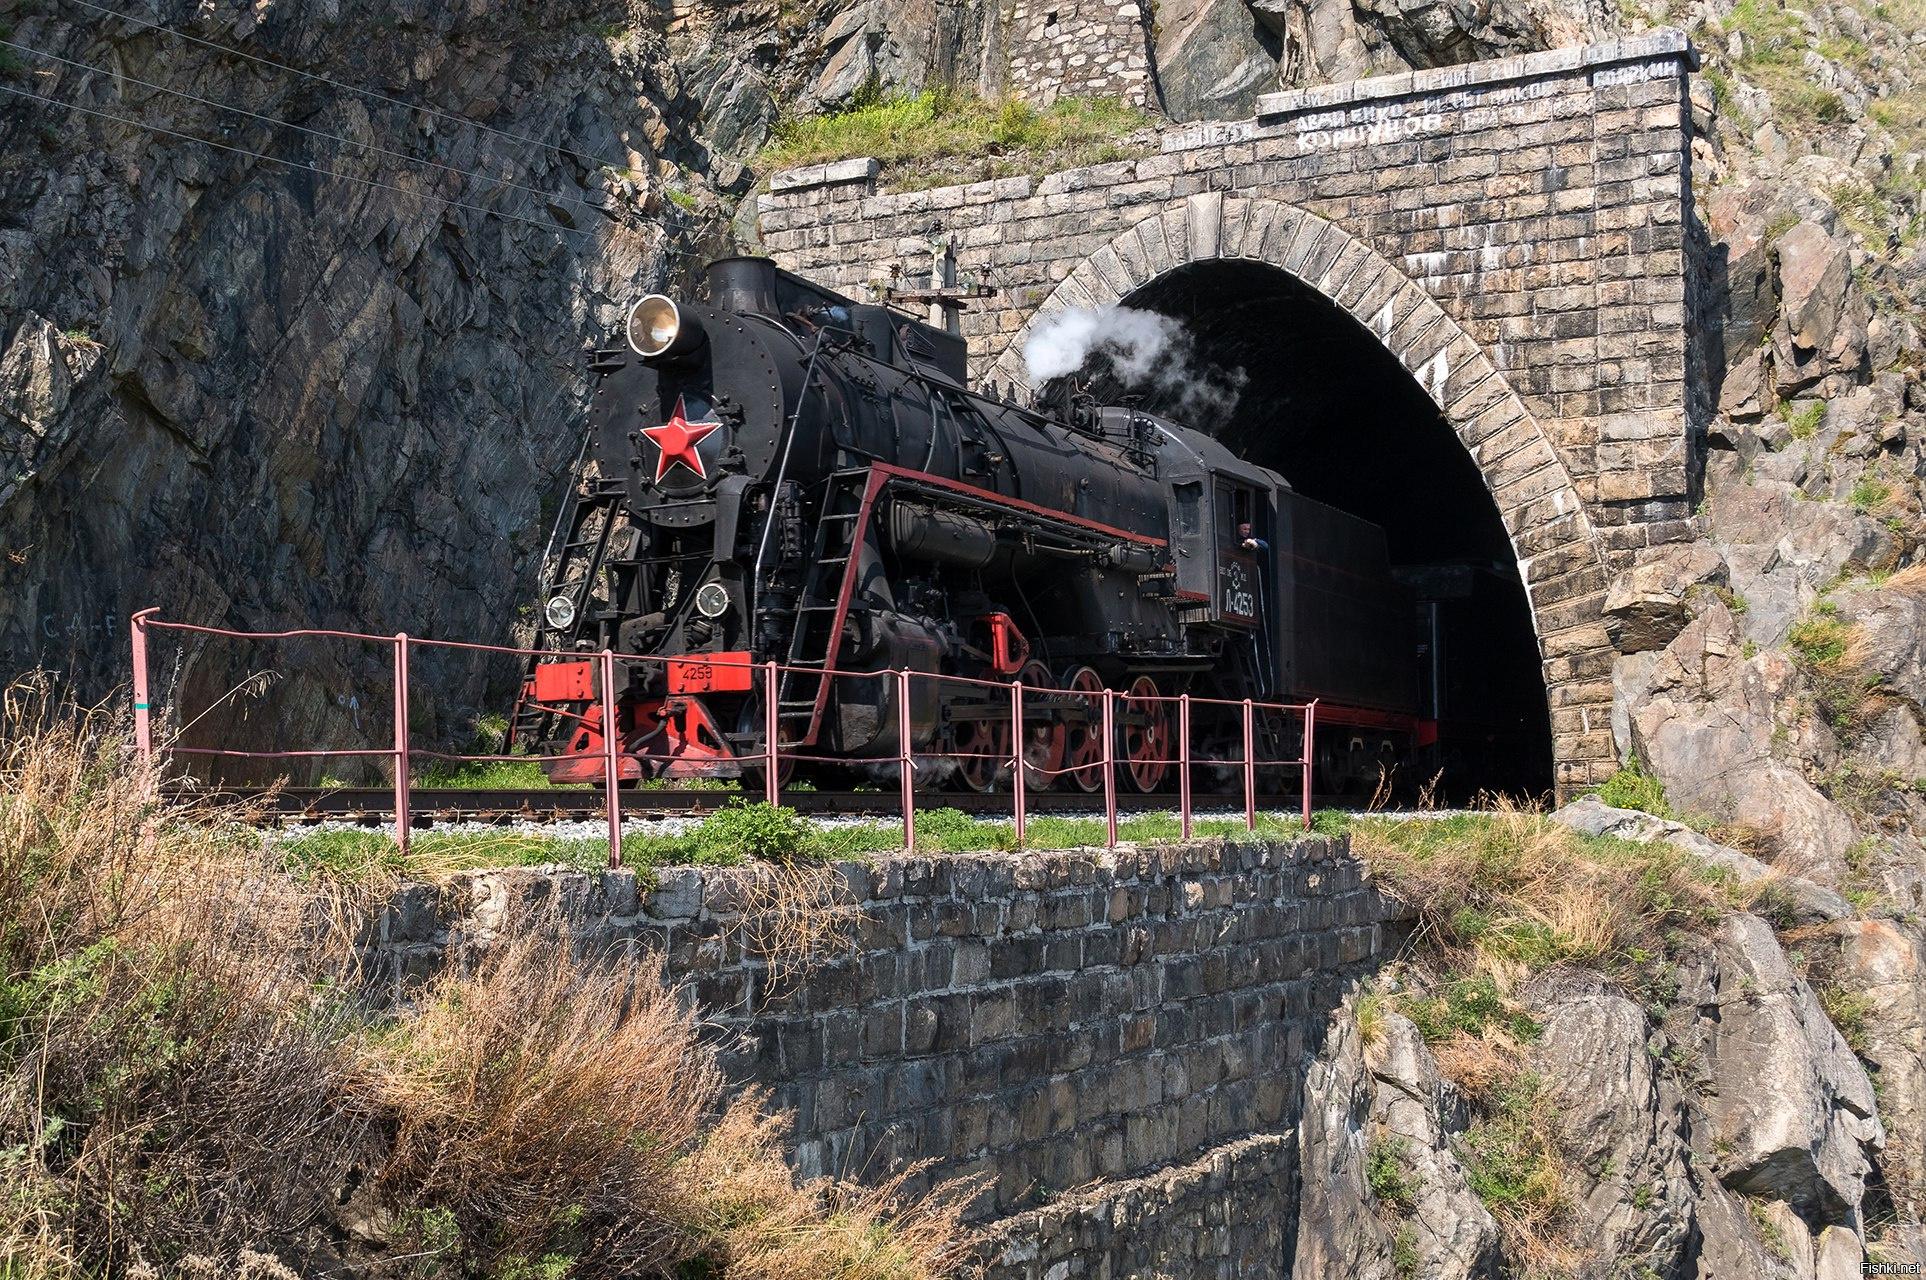 находящиеся кругобайкальская железная дорога картинки забывайте